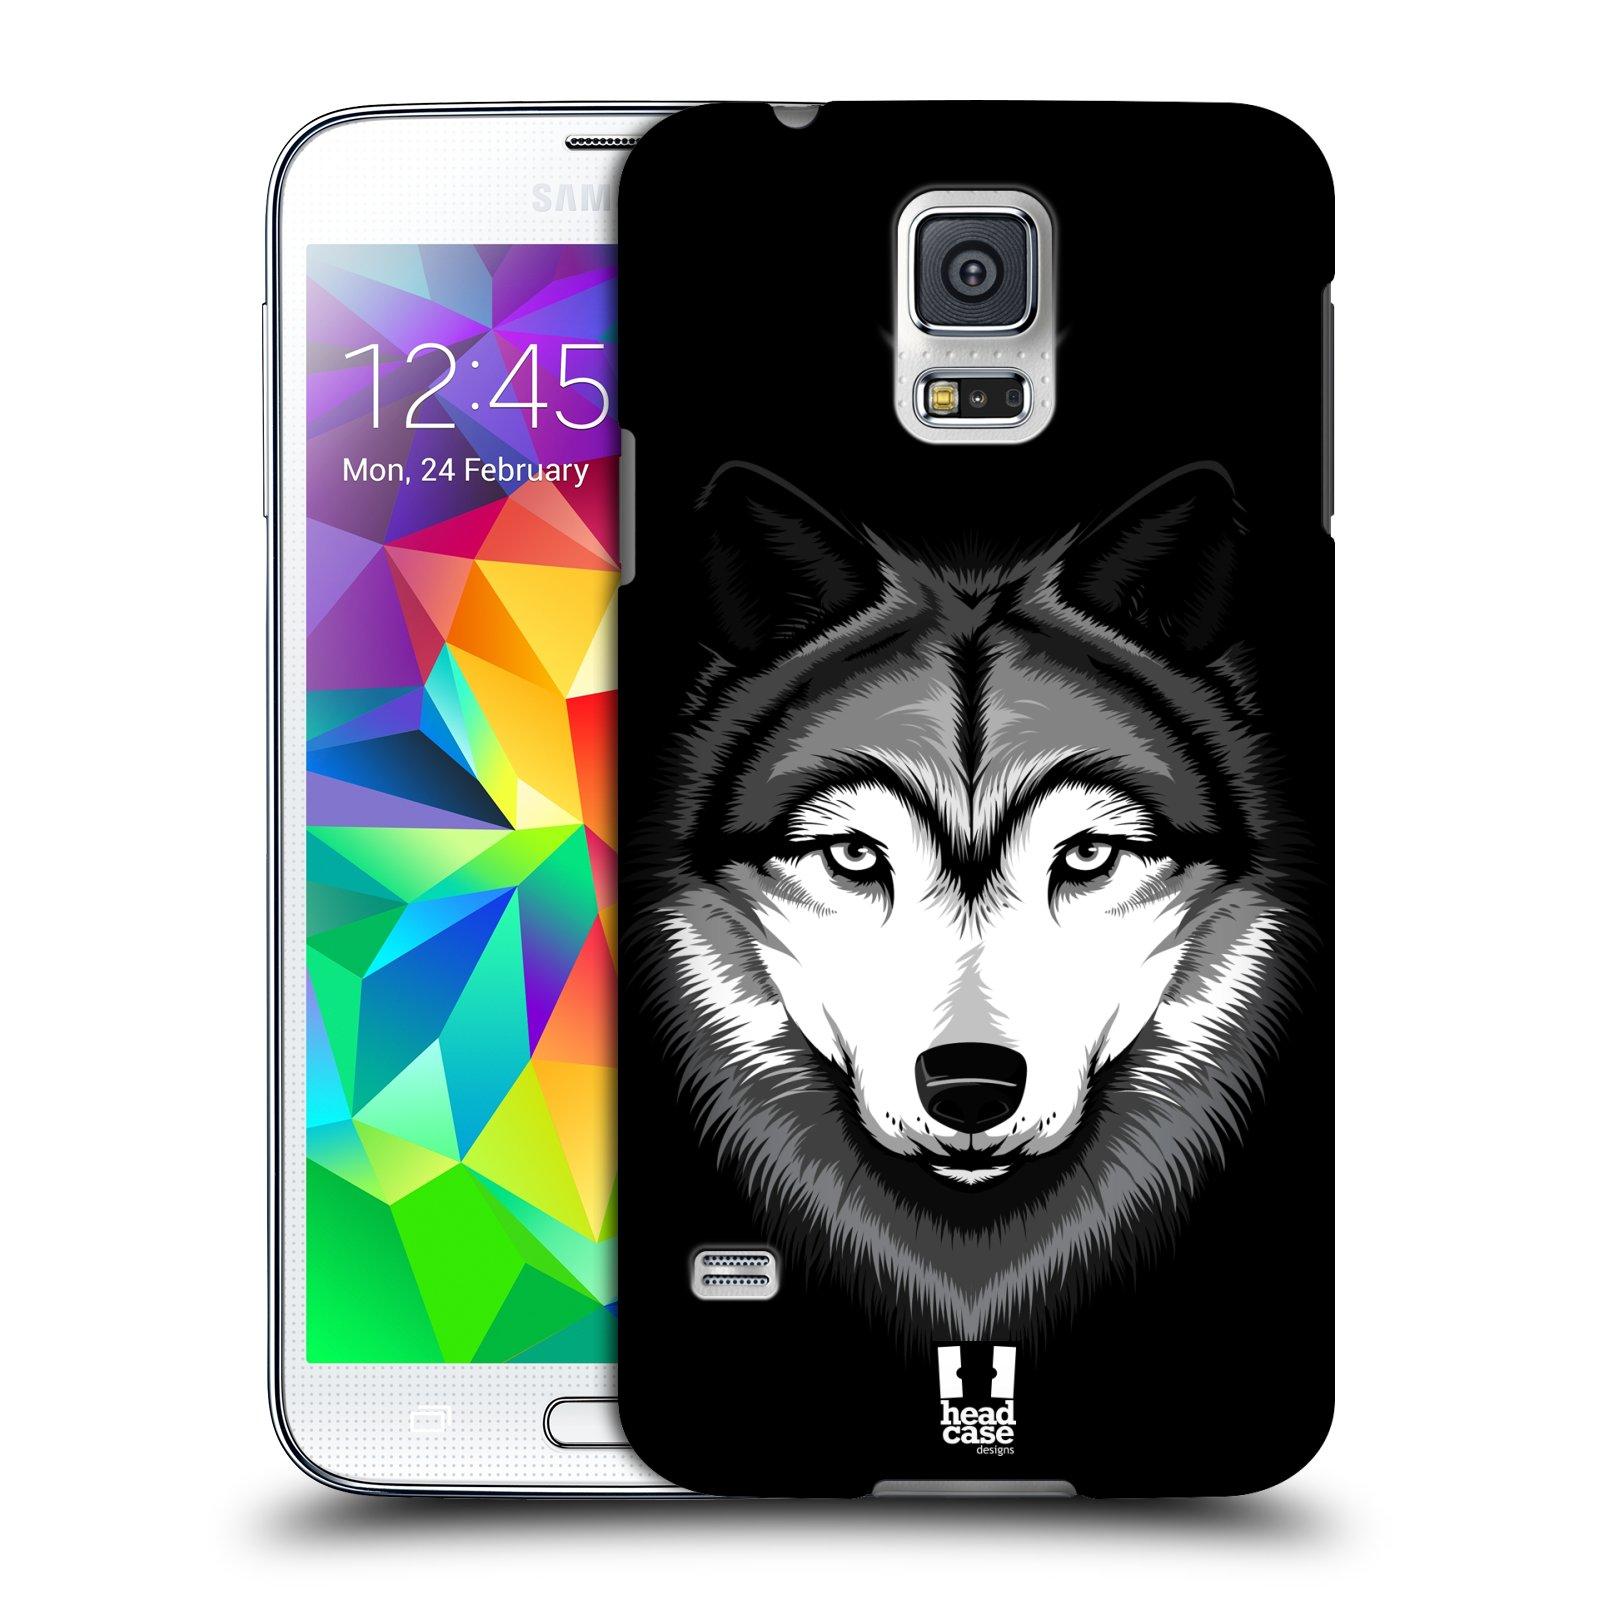 Plastové pouzdro na mobil Samsung Galaxy S5 HEAD CASE ILUSTROVANÝ VLK